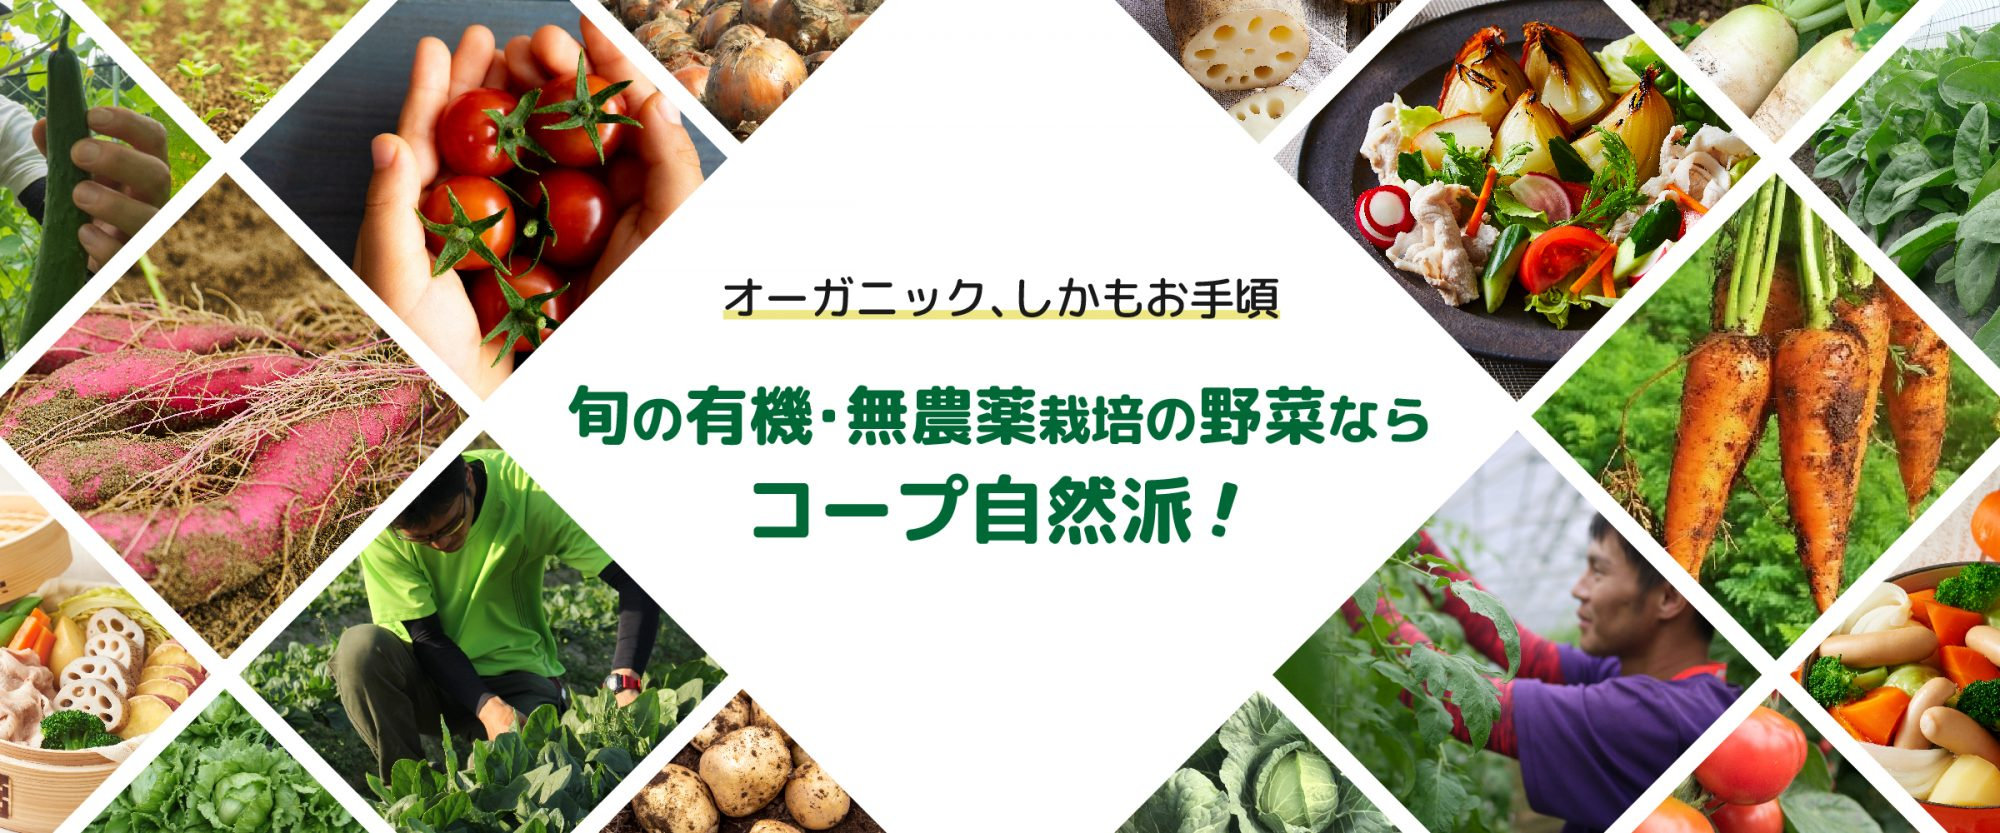 有機・無農薬野菜